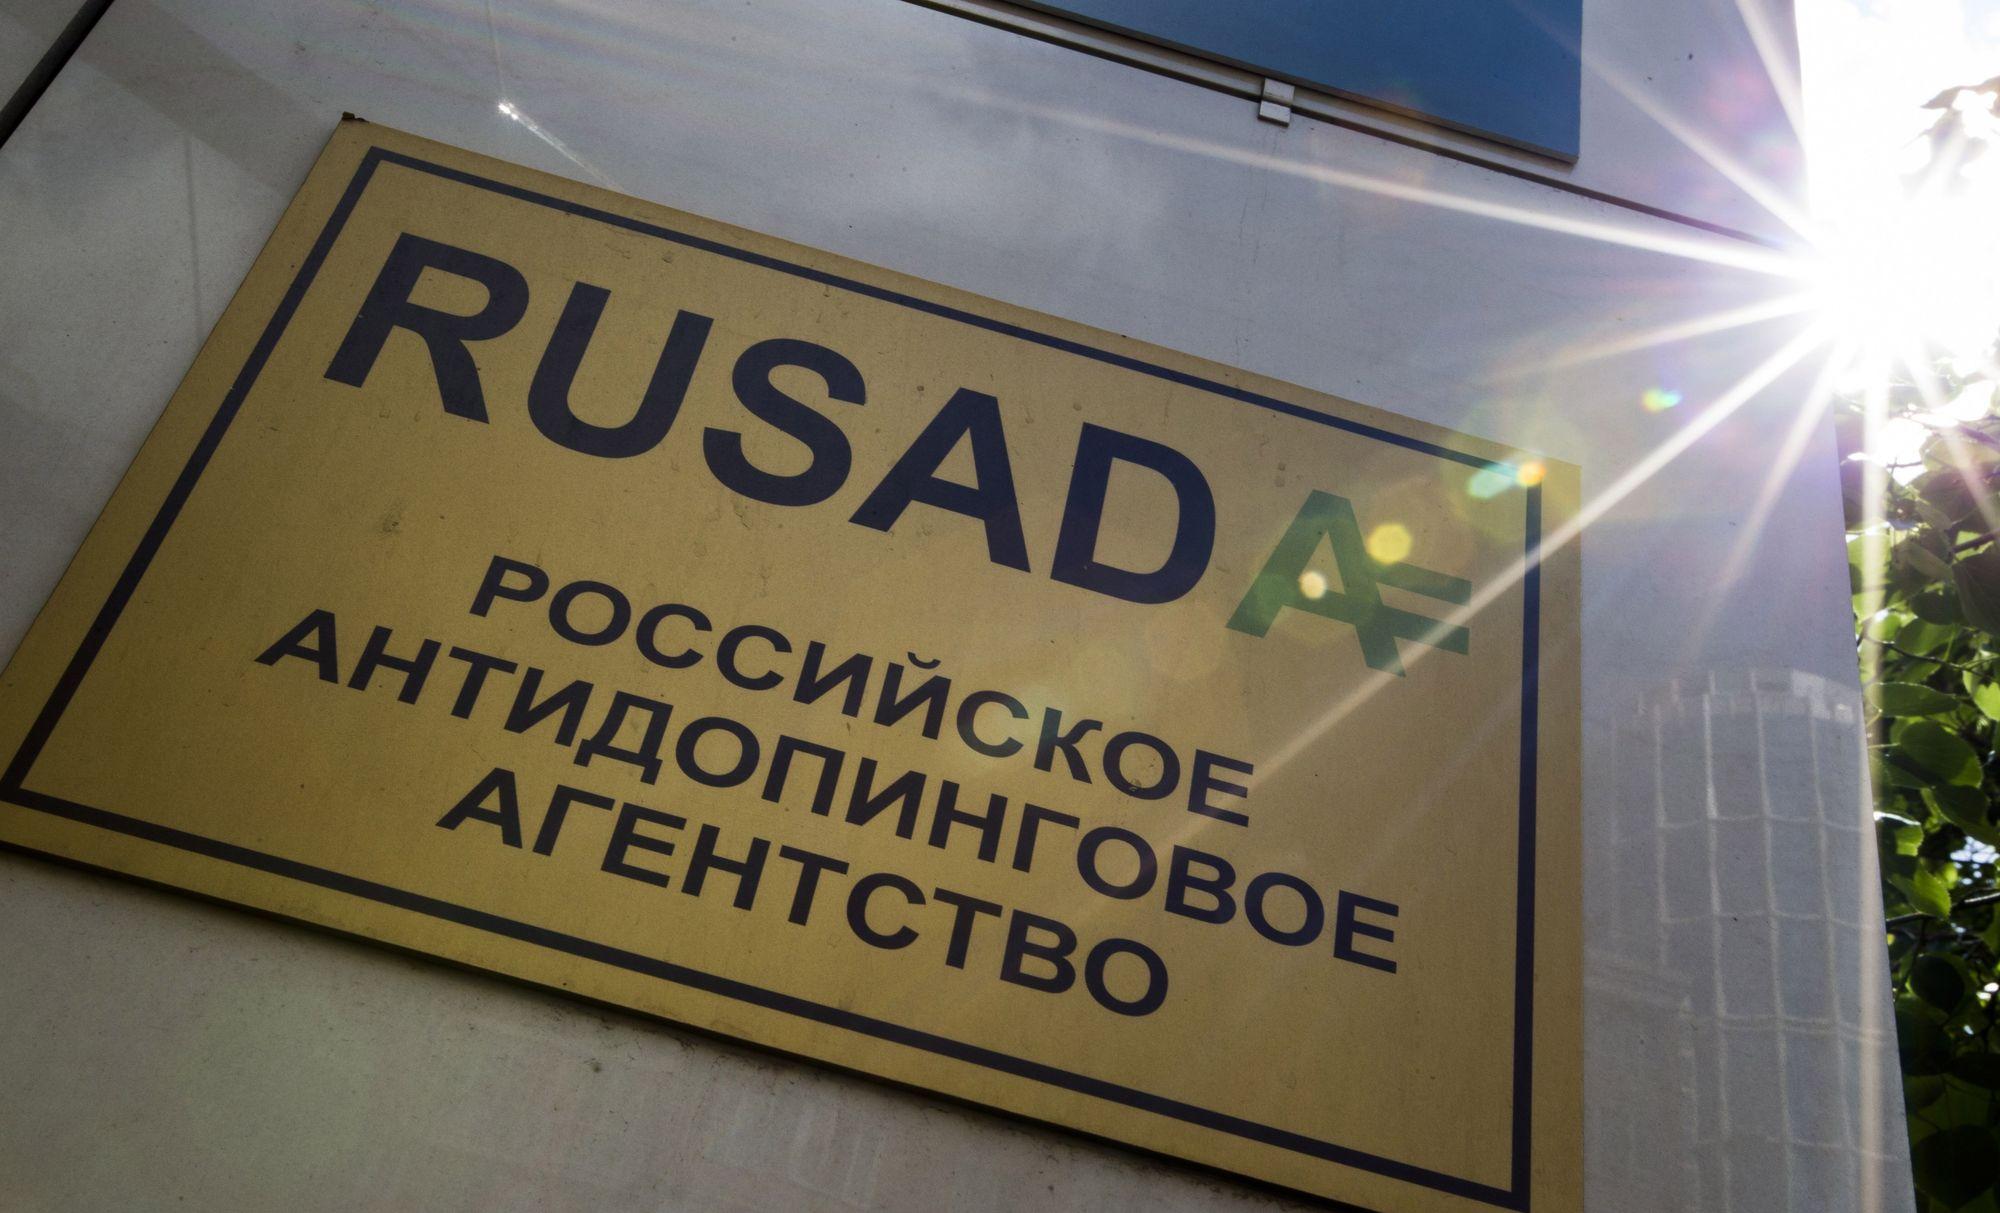 Athlétisme - Dopage: l'AMA lève la suspension de l'agence russe antidopage Rusada